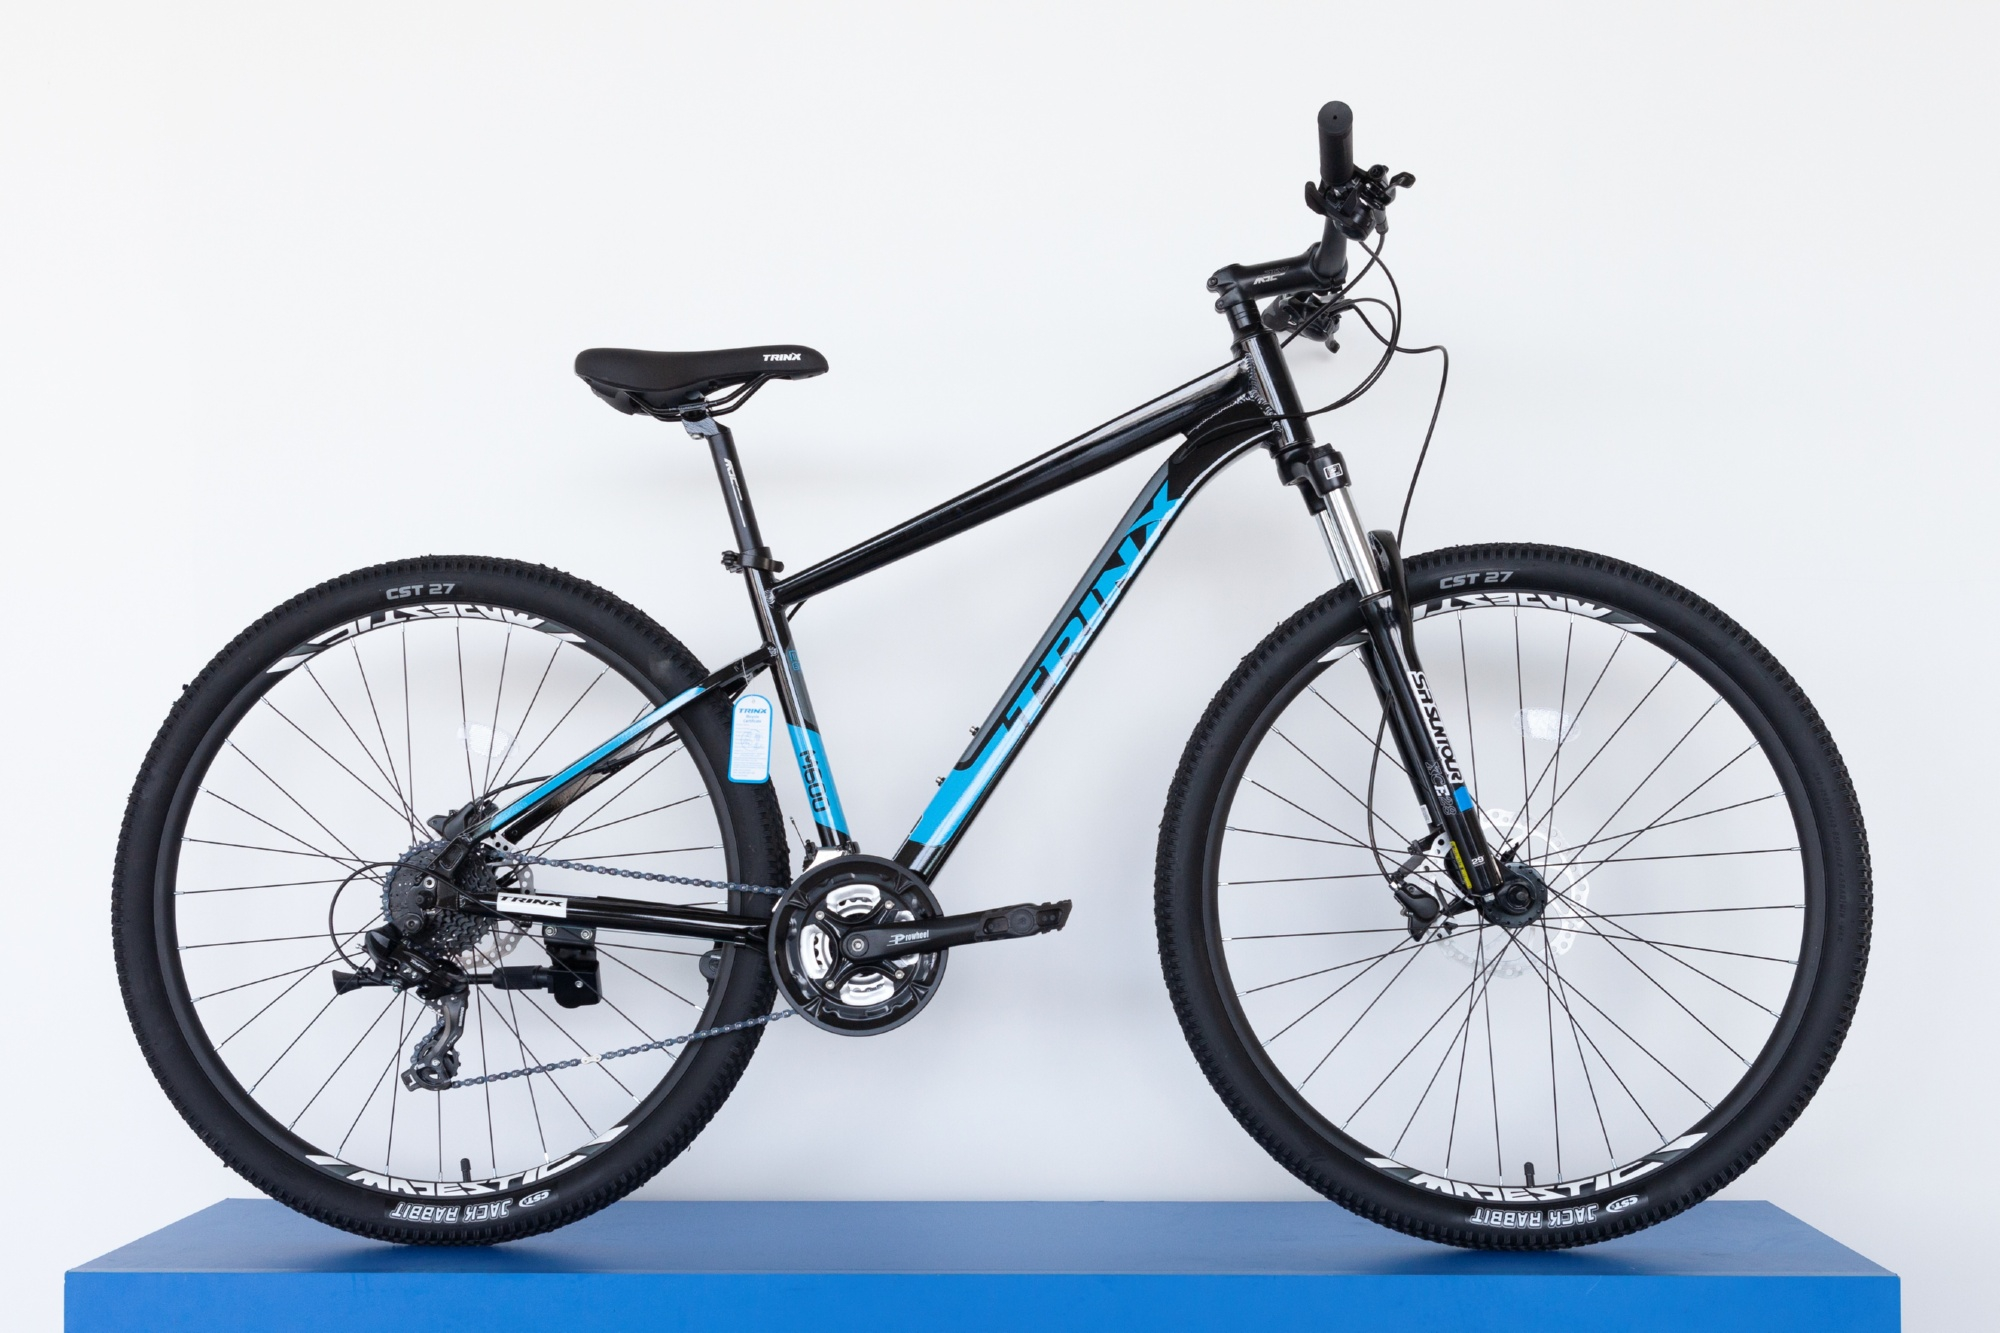 Trinx M600 PRO 2020